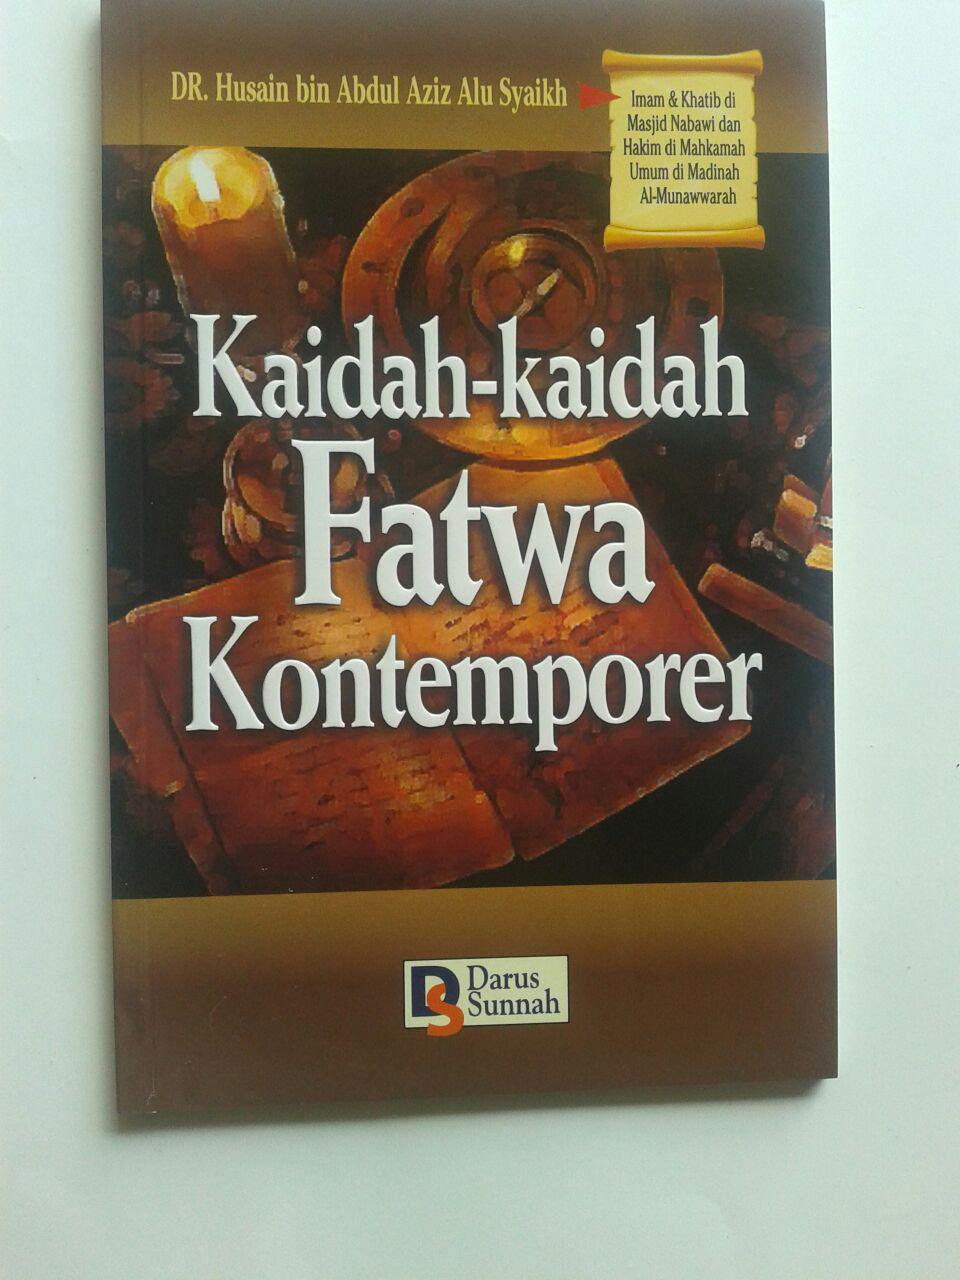 Buku Kaidah-Kaidah Fatwa Kontemporer 19.000 15% 16.150 Darus Sunnah DR. Husain Bin Abdul Aziz Alu Syaikh cover 2